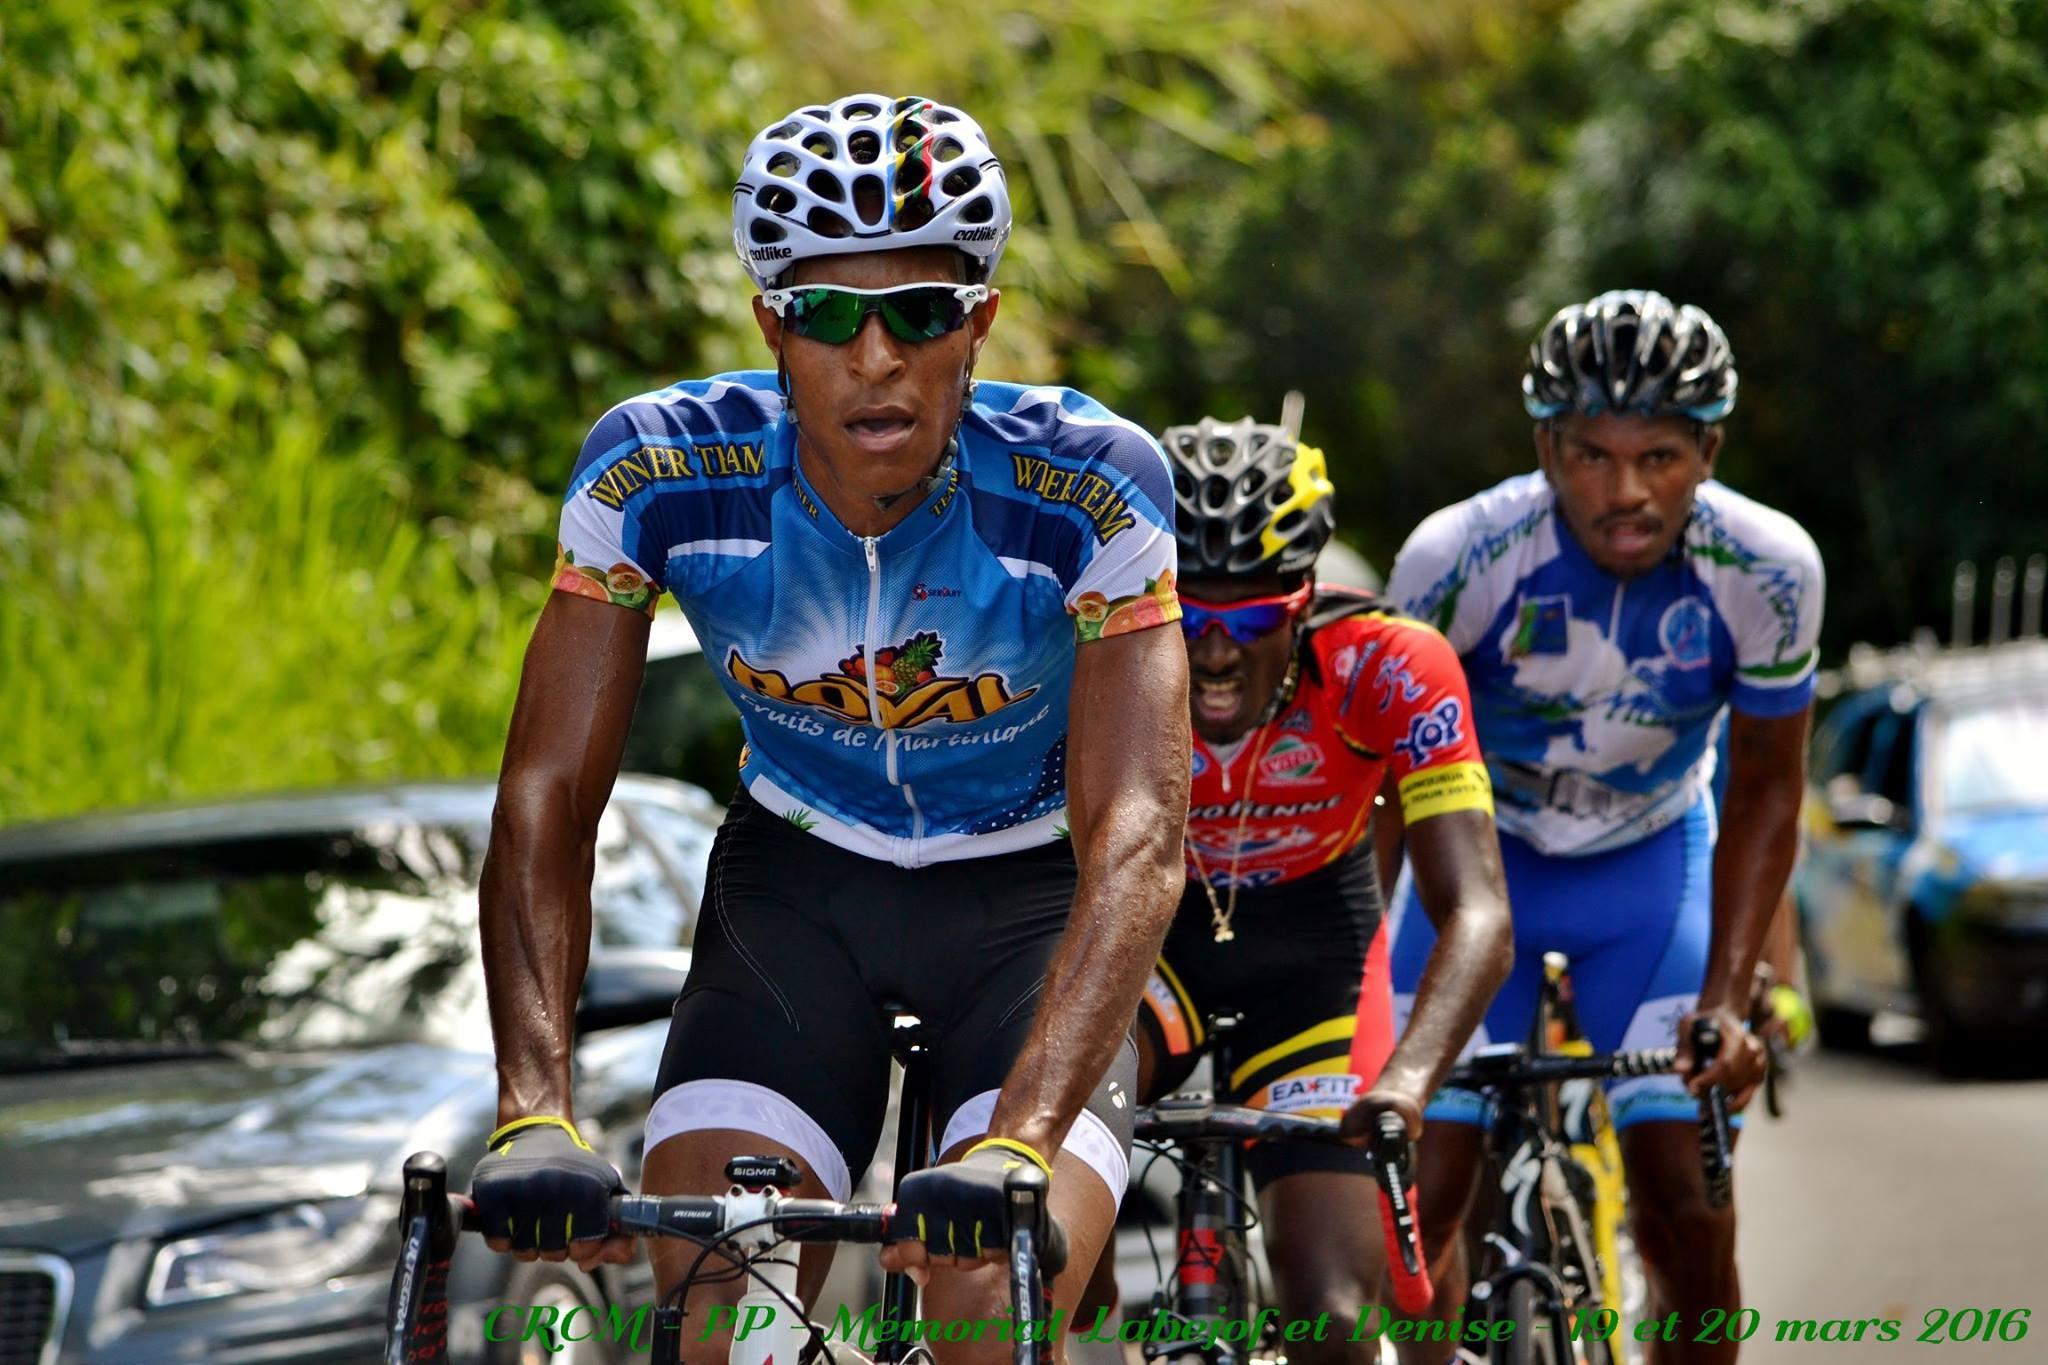 Le calendrier des courses cyclistes sur route de la MARTINIQUE est